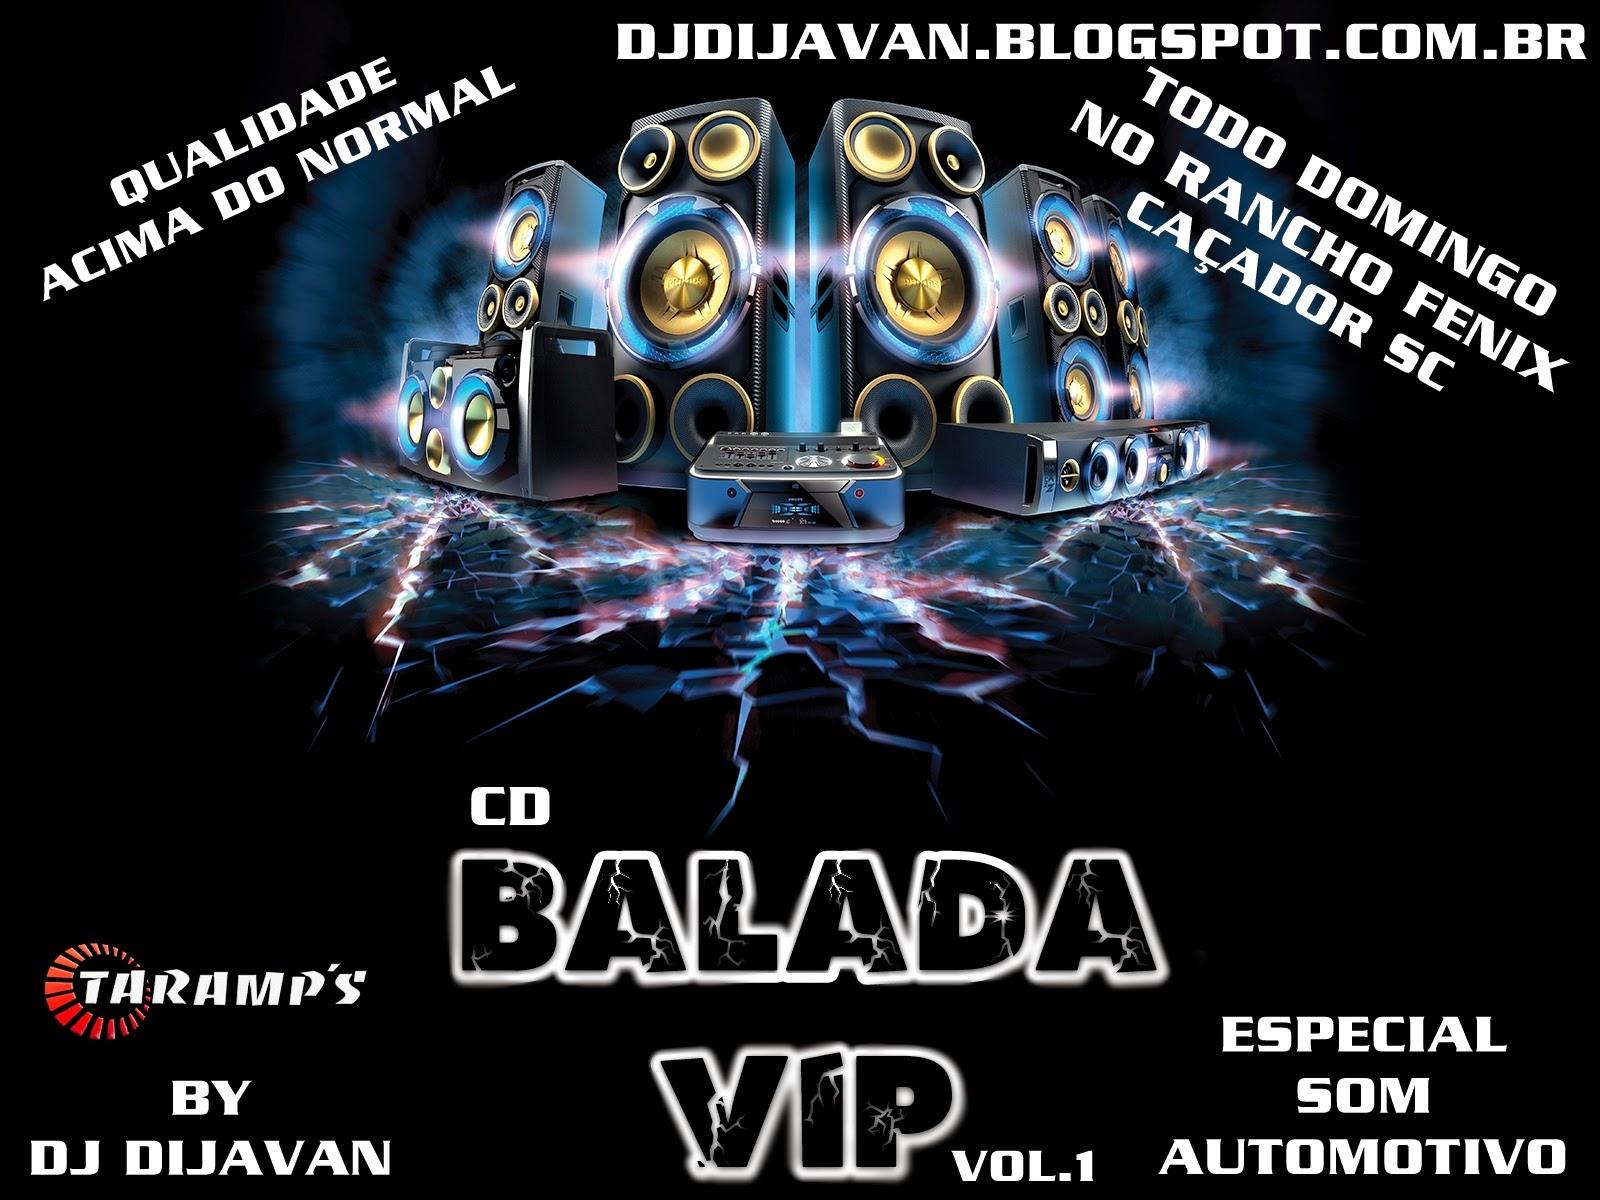 BAIXAR CD